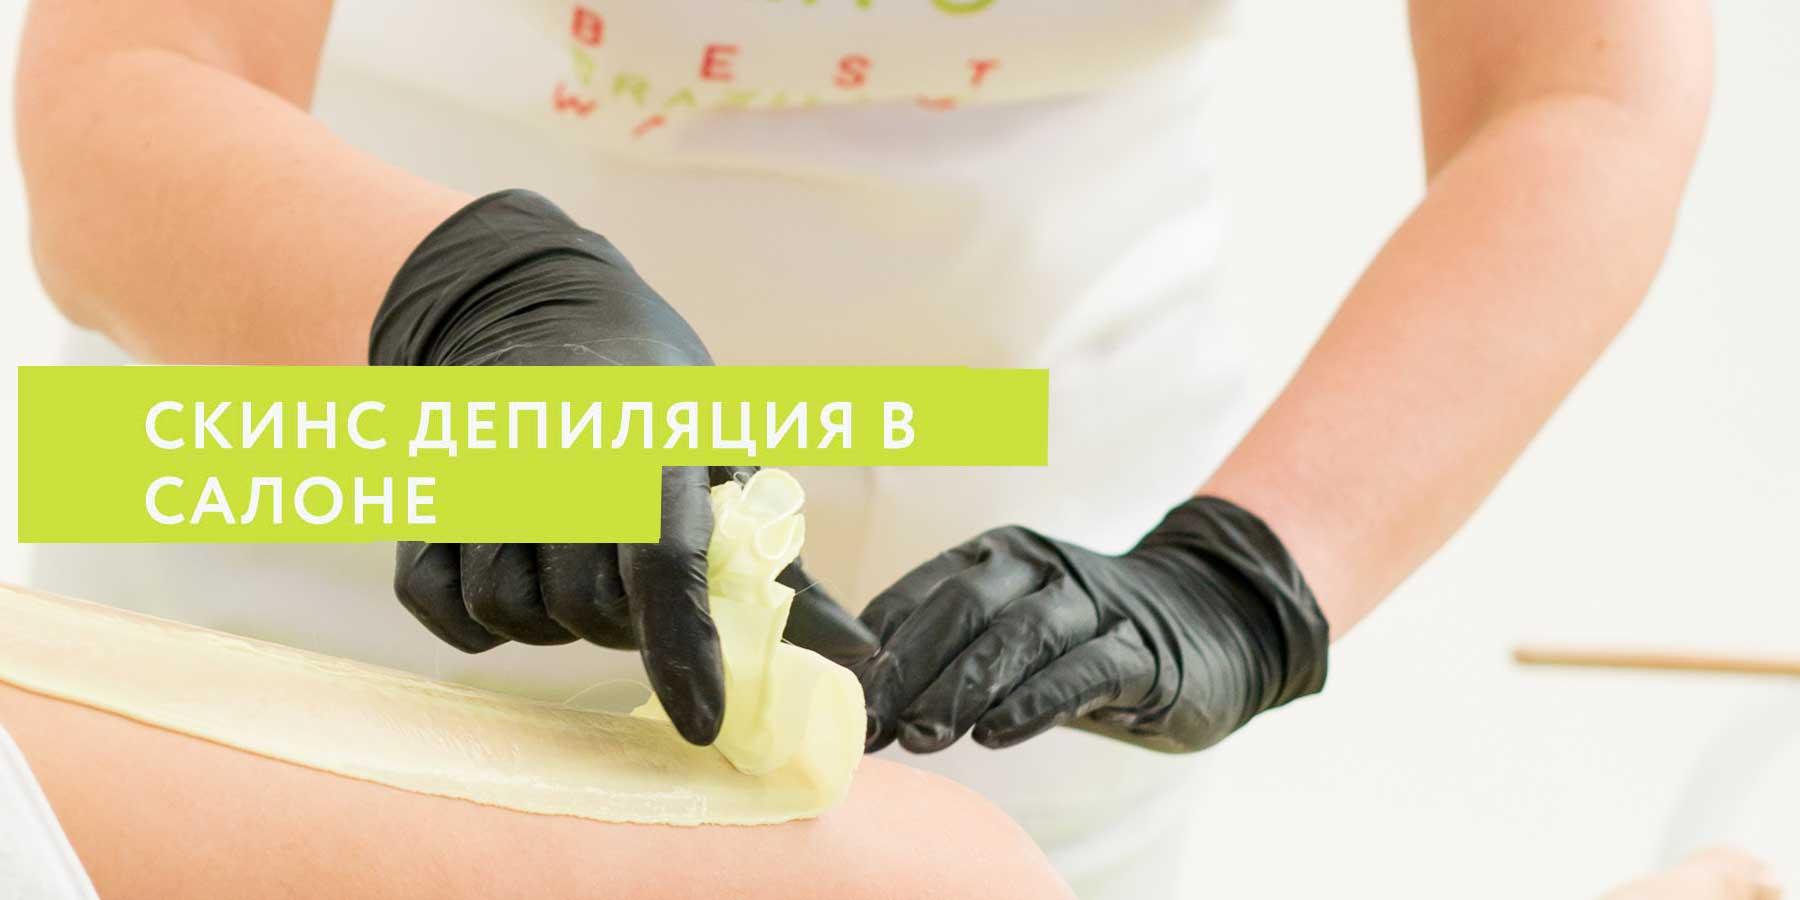 Модная инновация: полимерная скин эпиляция в салоне MissLisse (Москва)